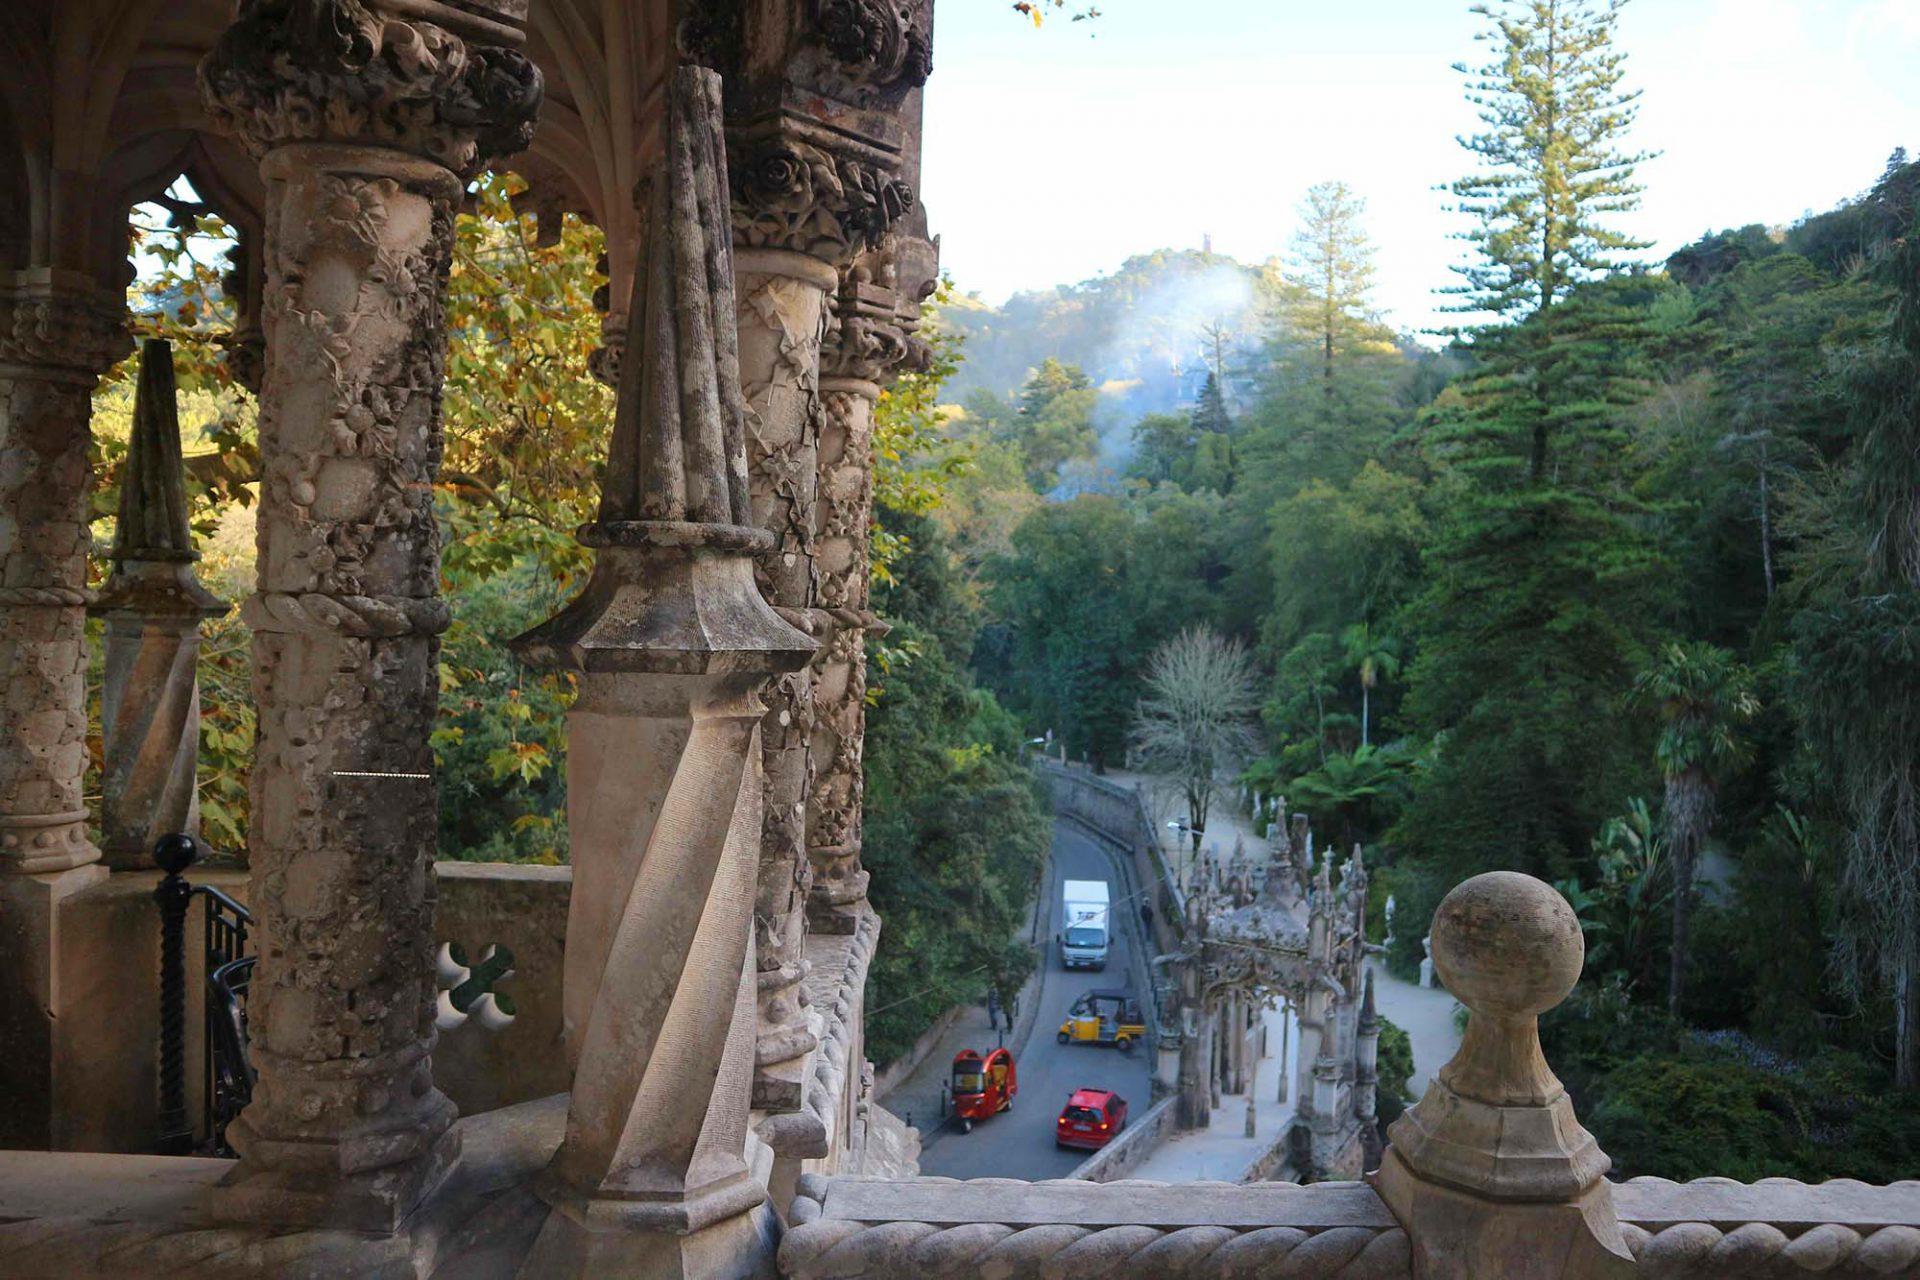 Quinta da Regaleira. Tuk Tuks ächzen über die Straßen durchs dichte Grün hinauf.